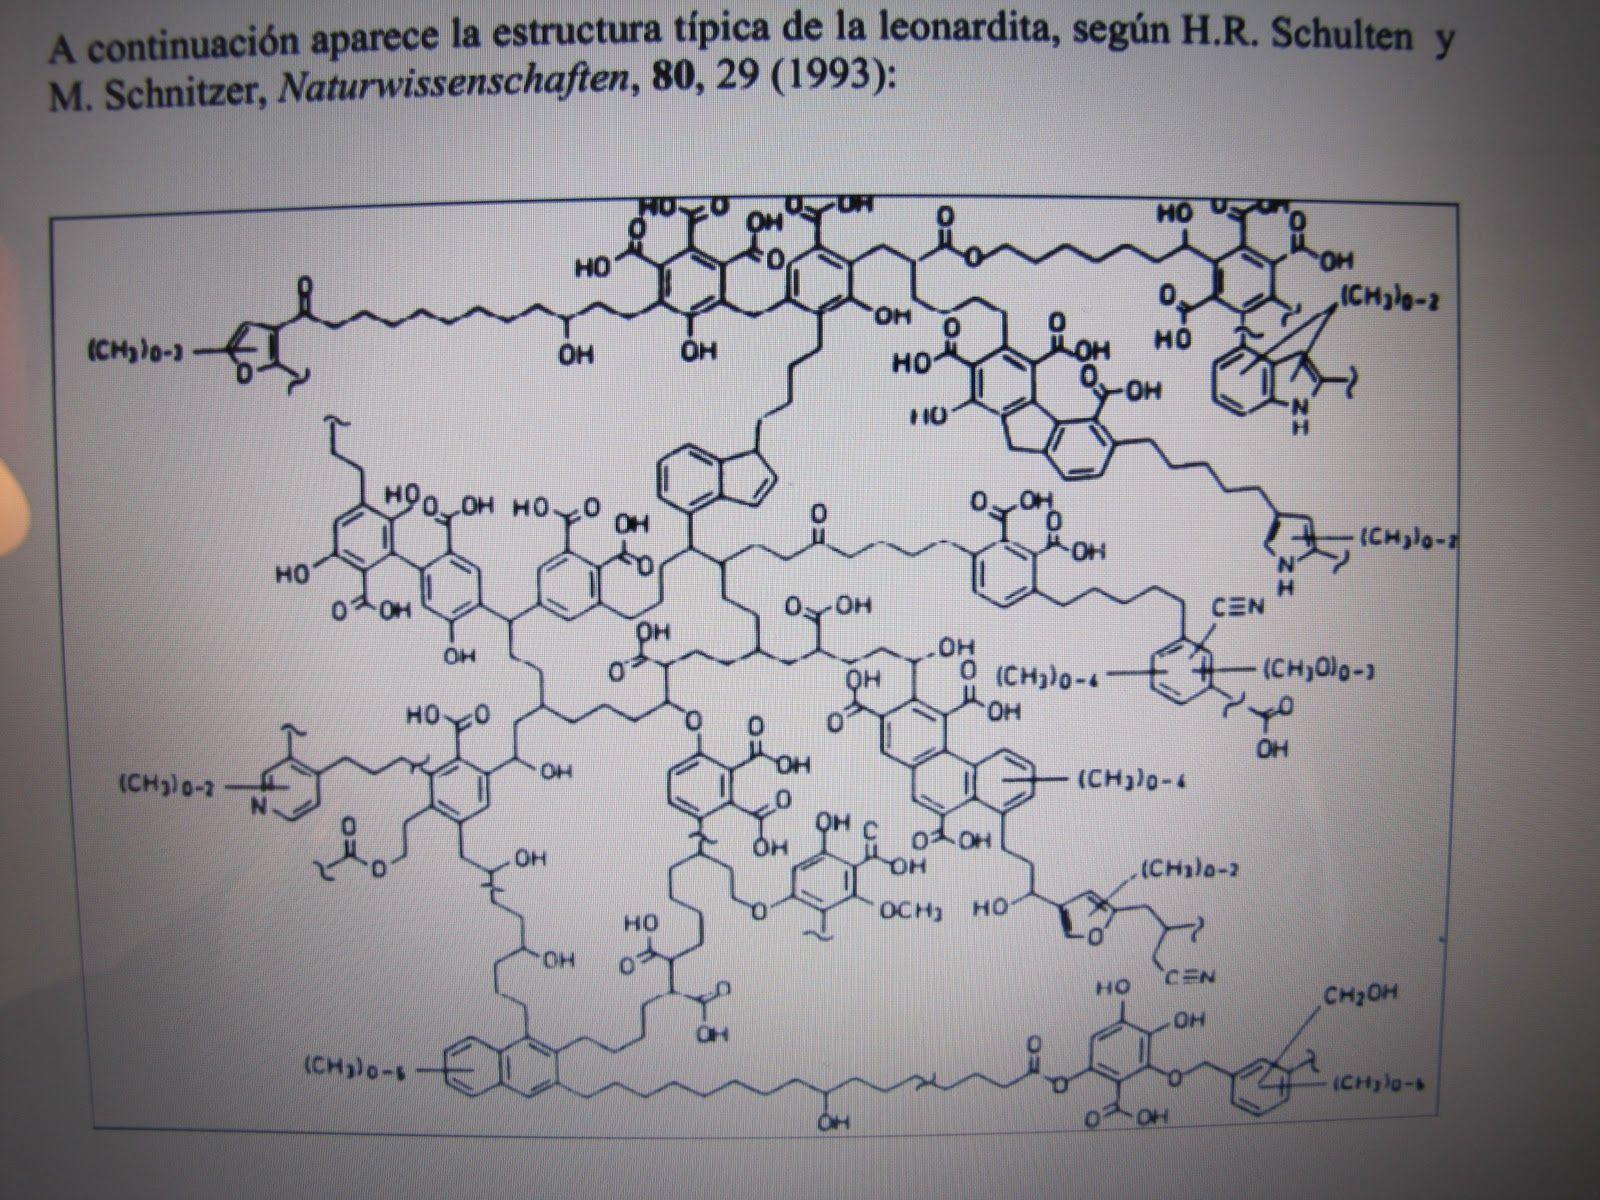 Molecula de leonardita materia húmica